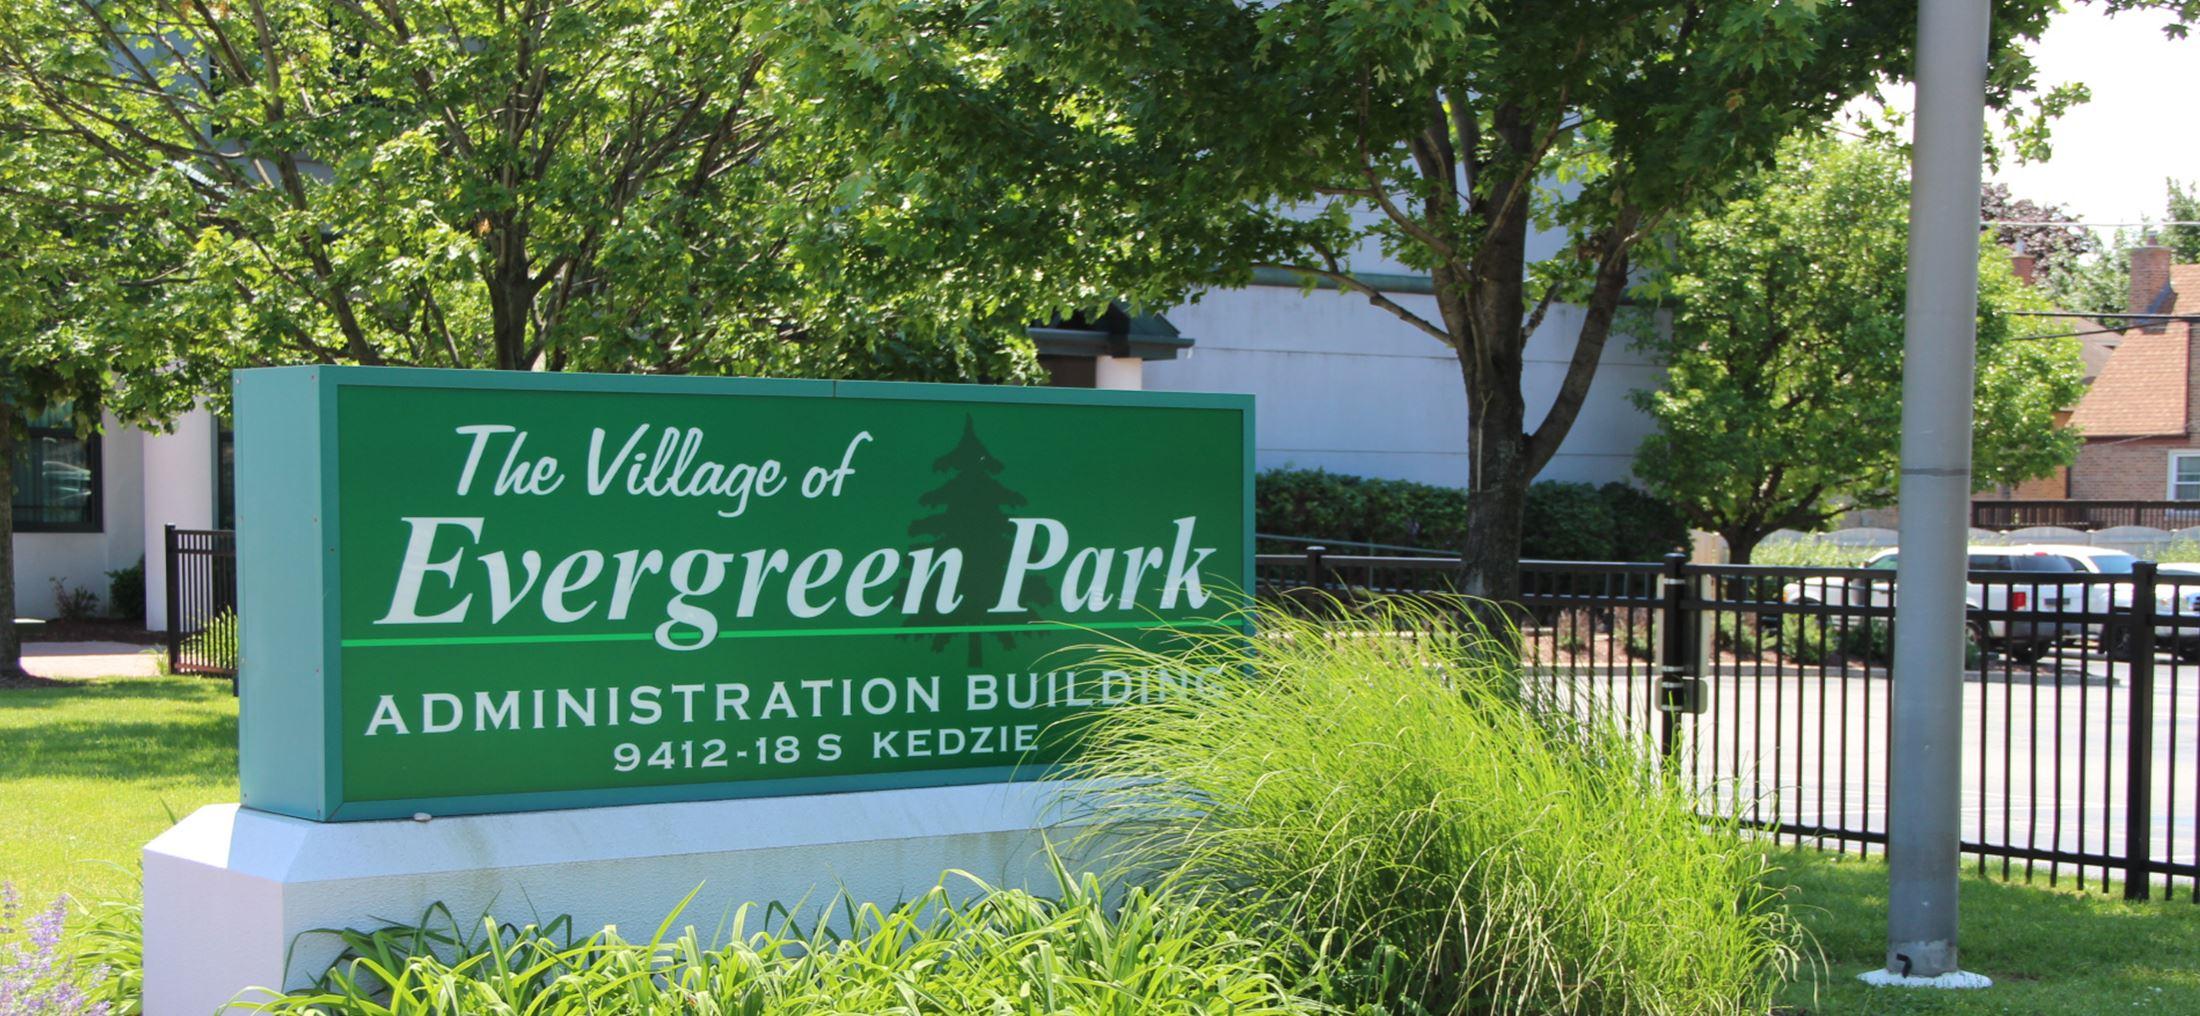 Evergreen Park Limousine Services